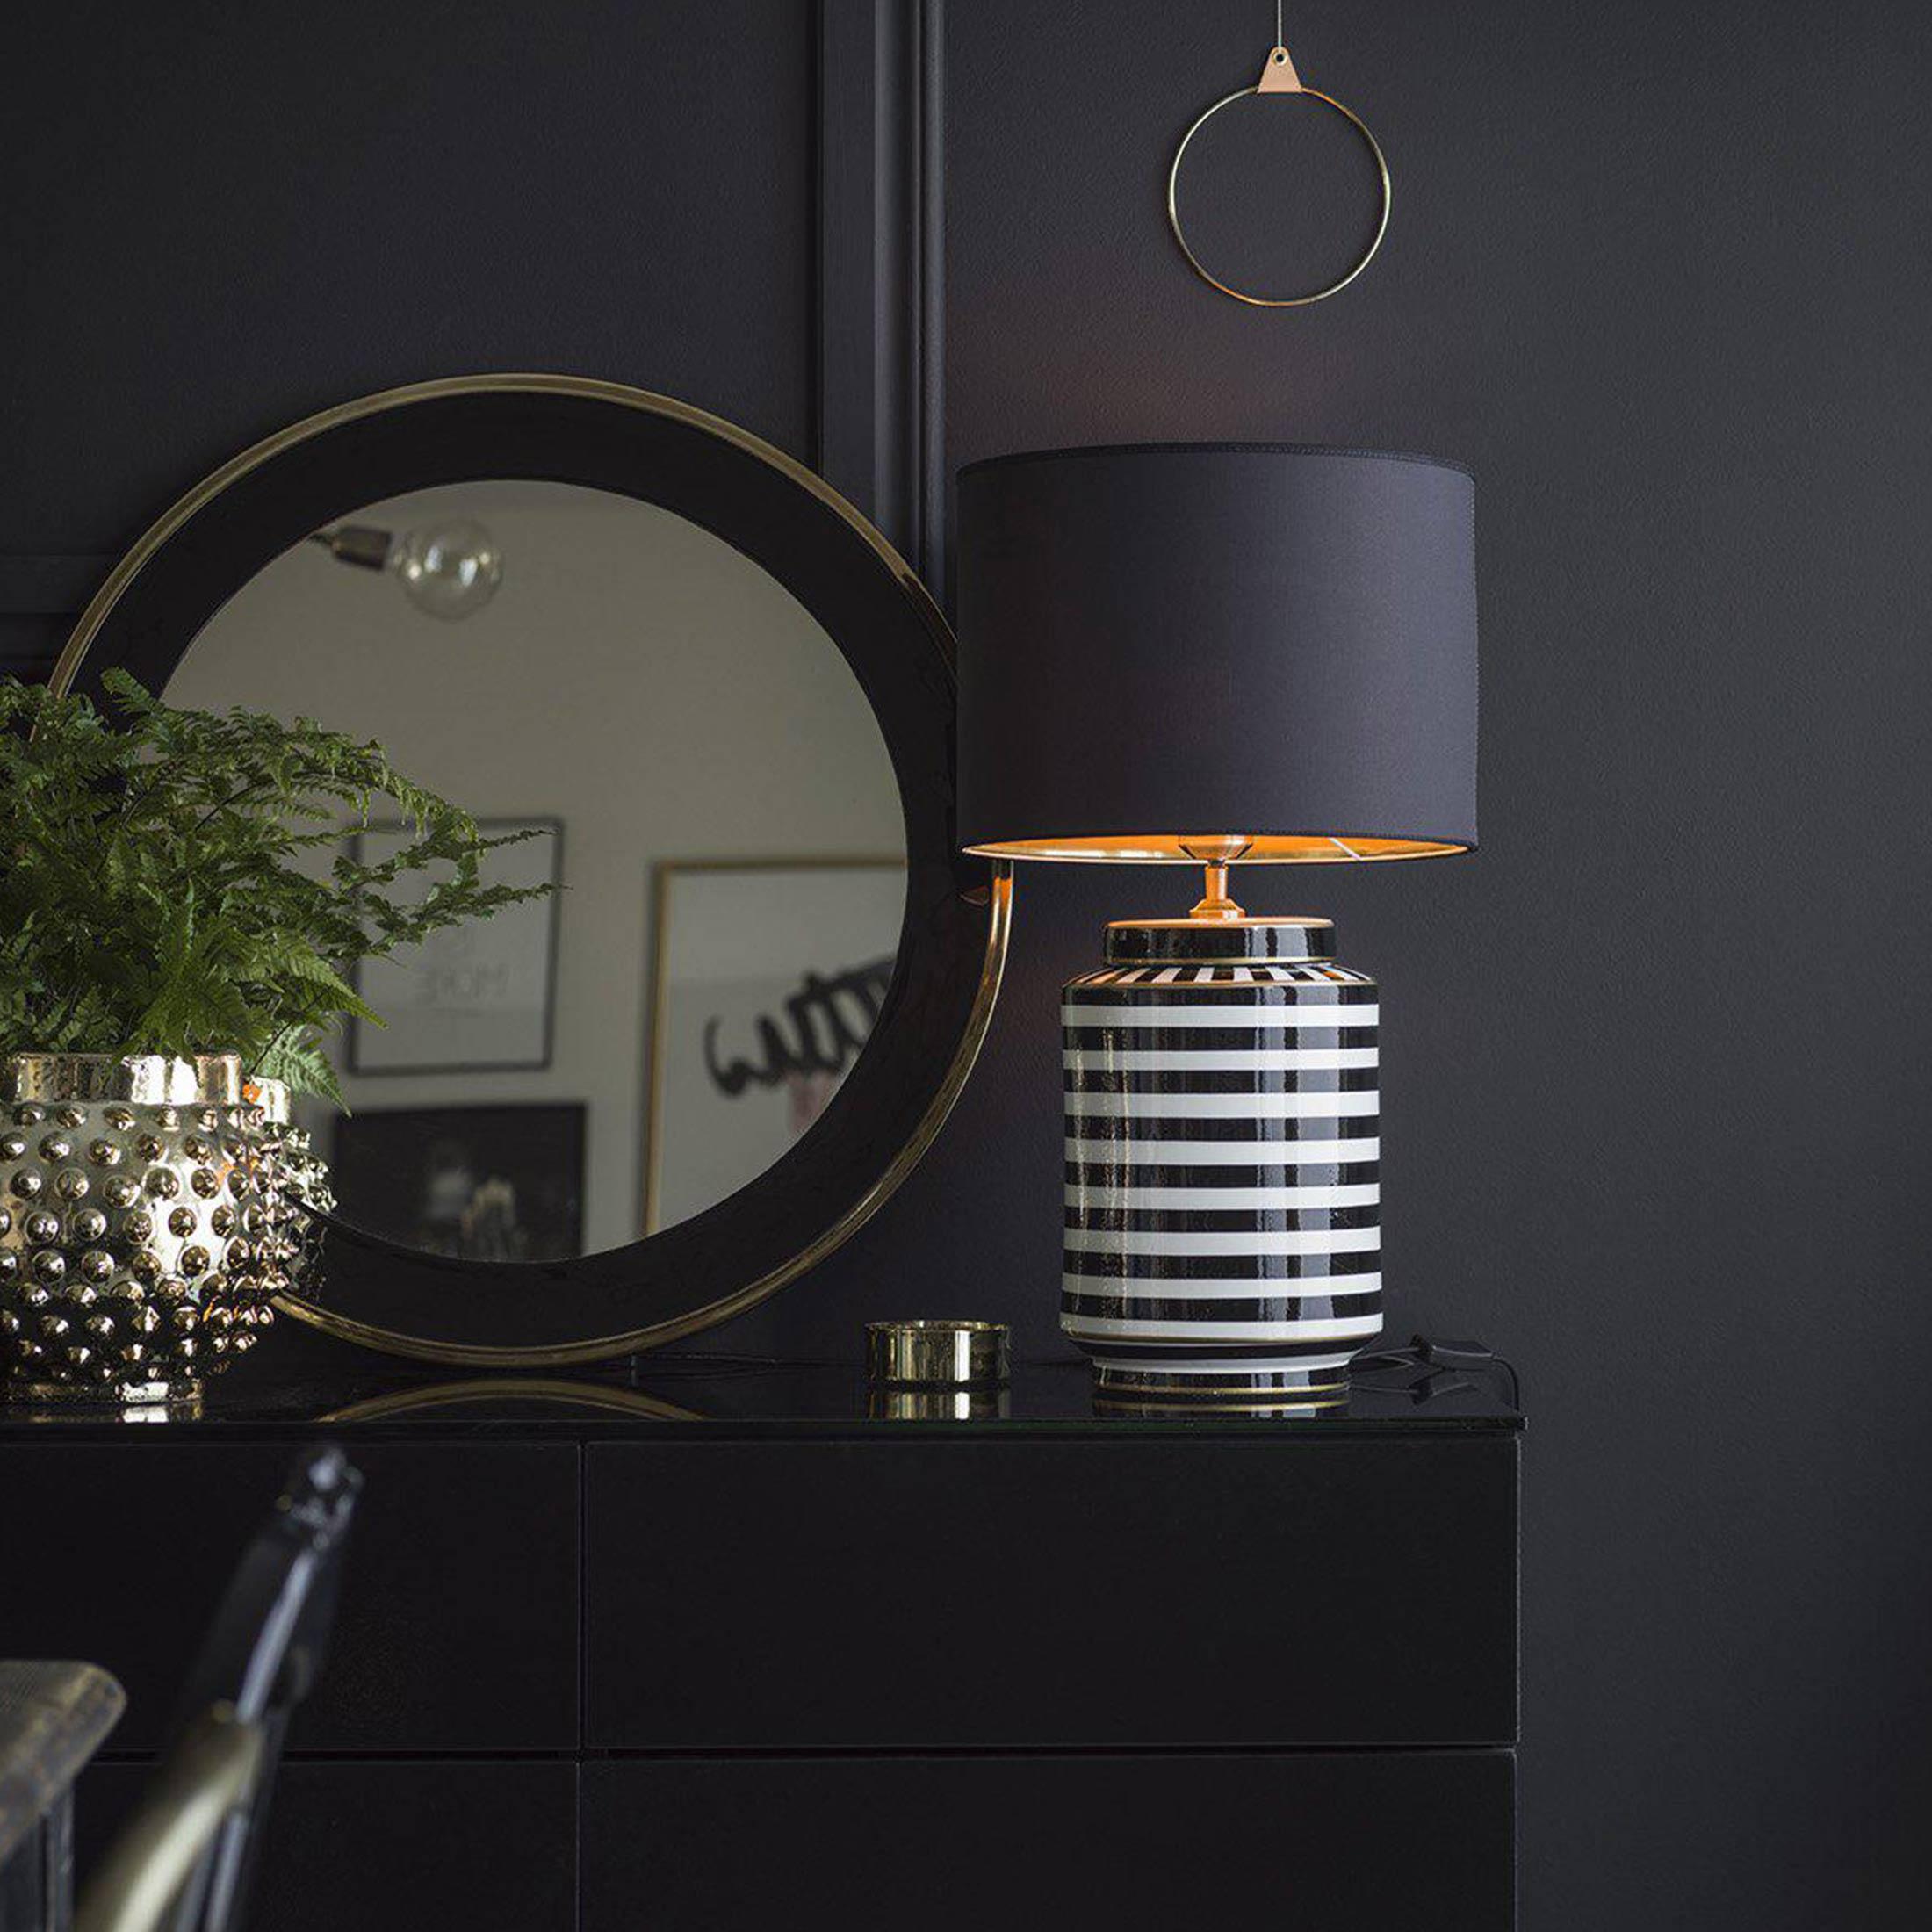 Gestreifte Lampe aus Keramik mit Lampenschirm von der Marke PR Home aus Schweden. Tischlampe im eleganten Stil für das Wohnzimmer